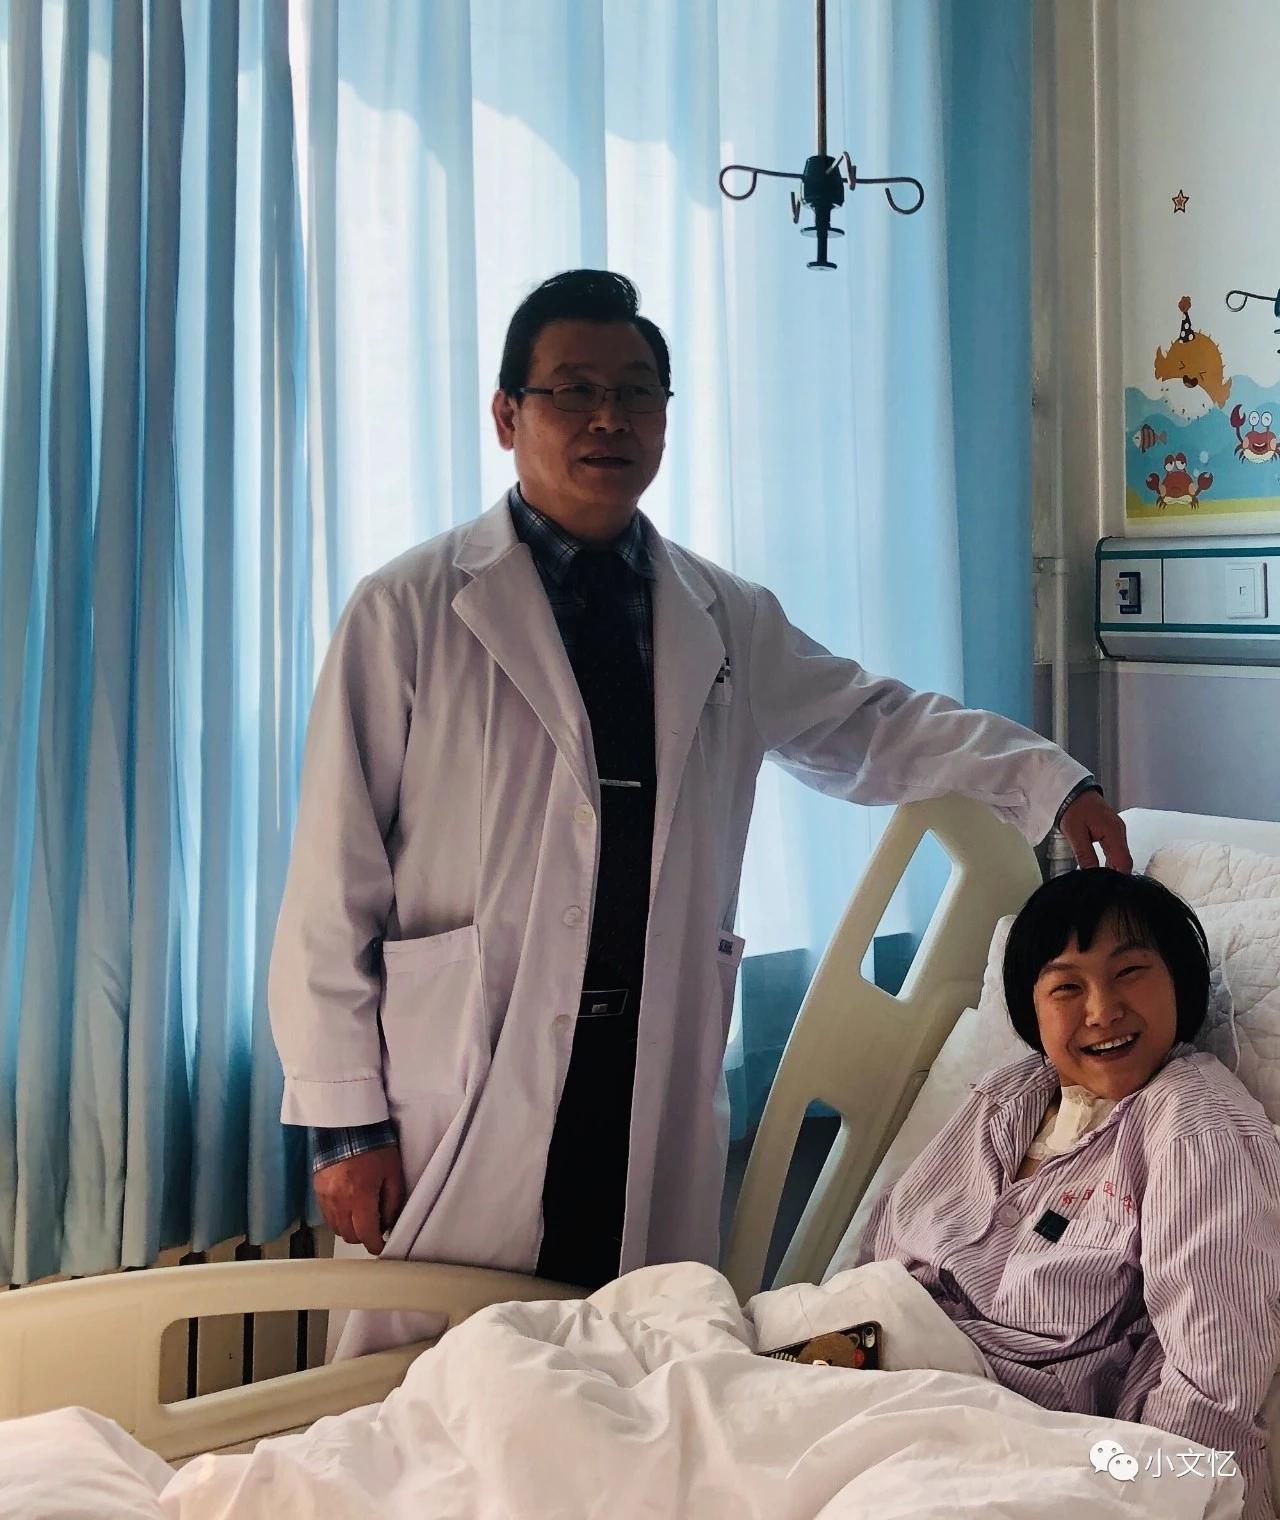 王忆在病床上与医生合影